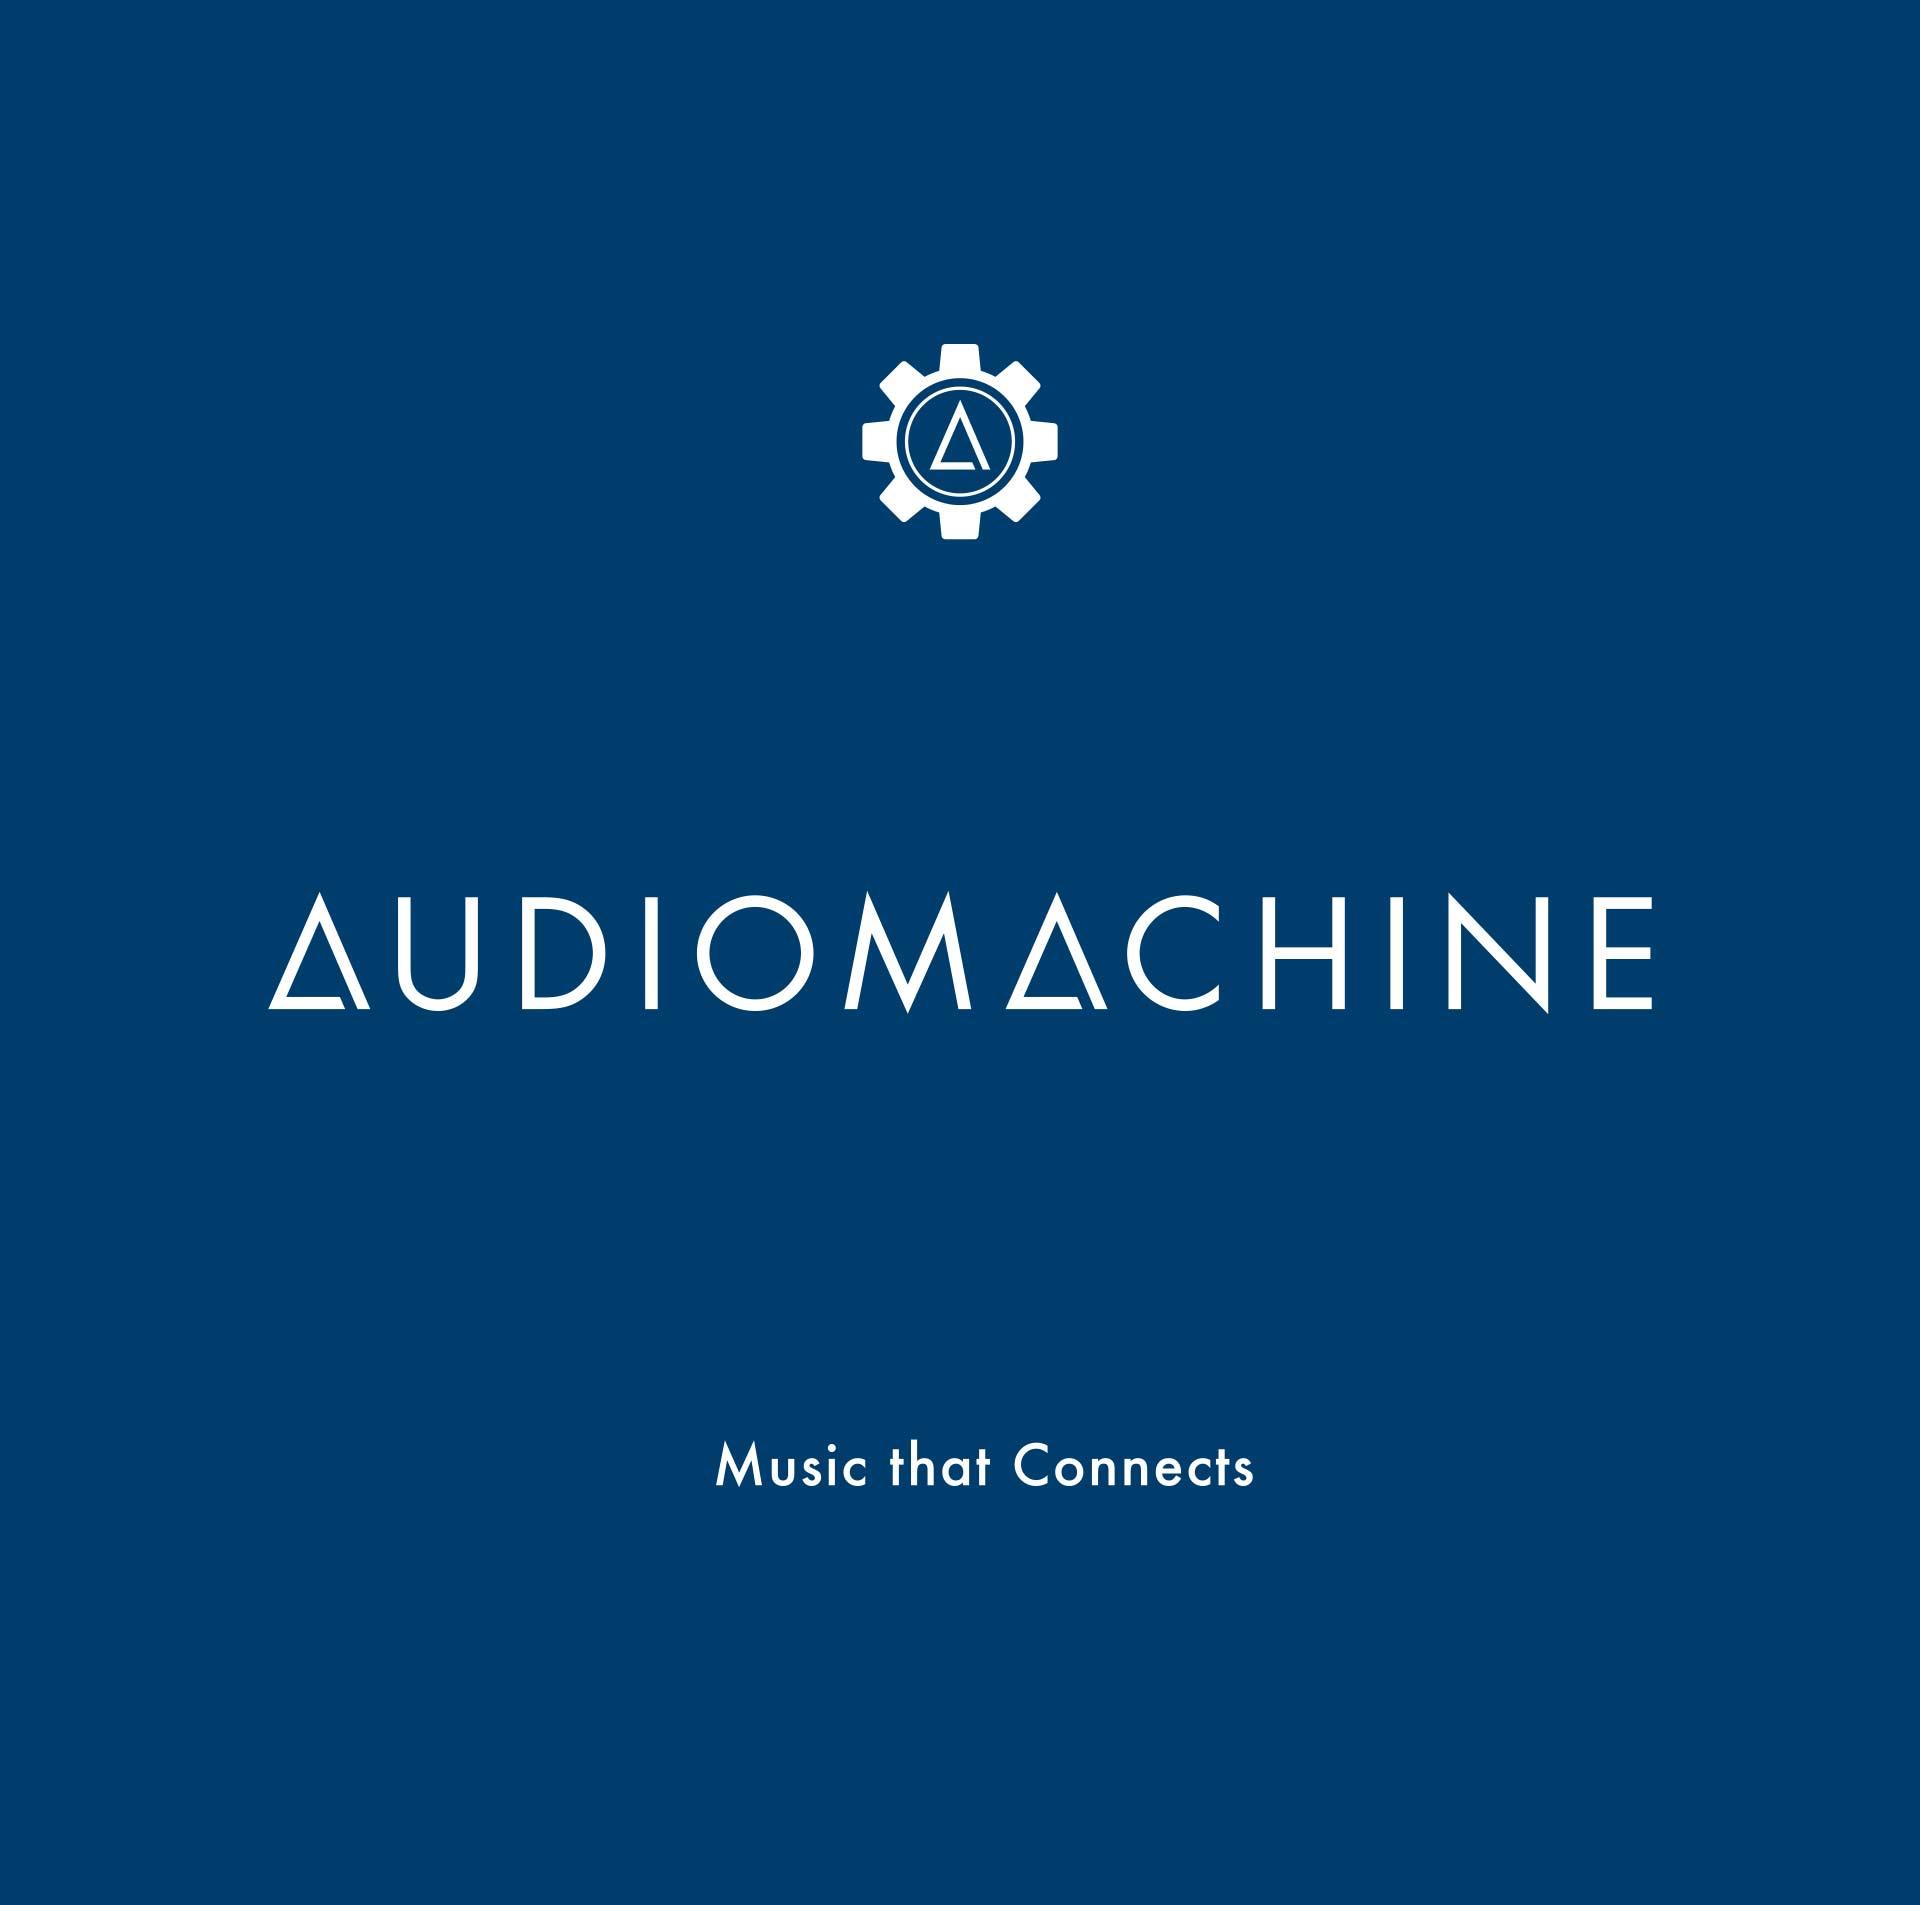 scott-schenoweth-AM_musicthatconnects-logo.jpg